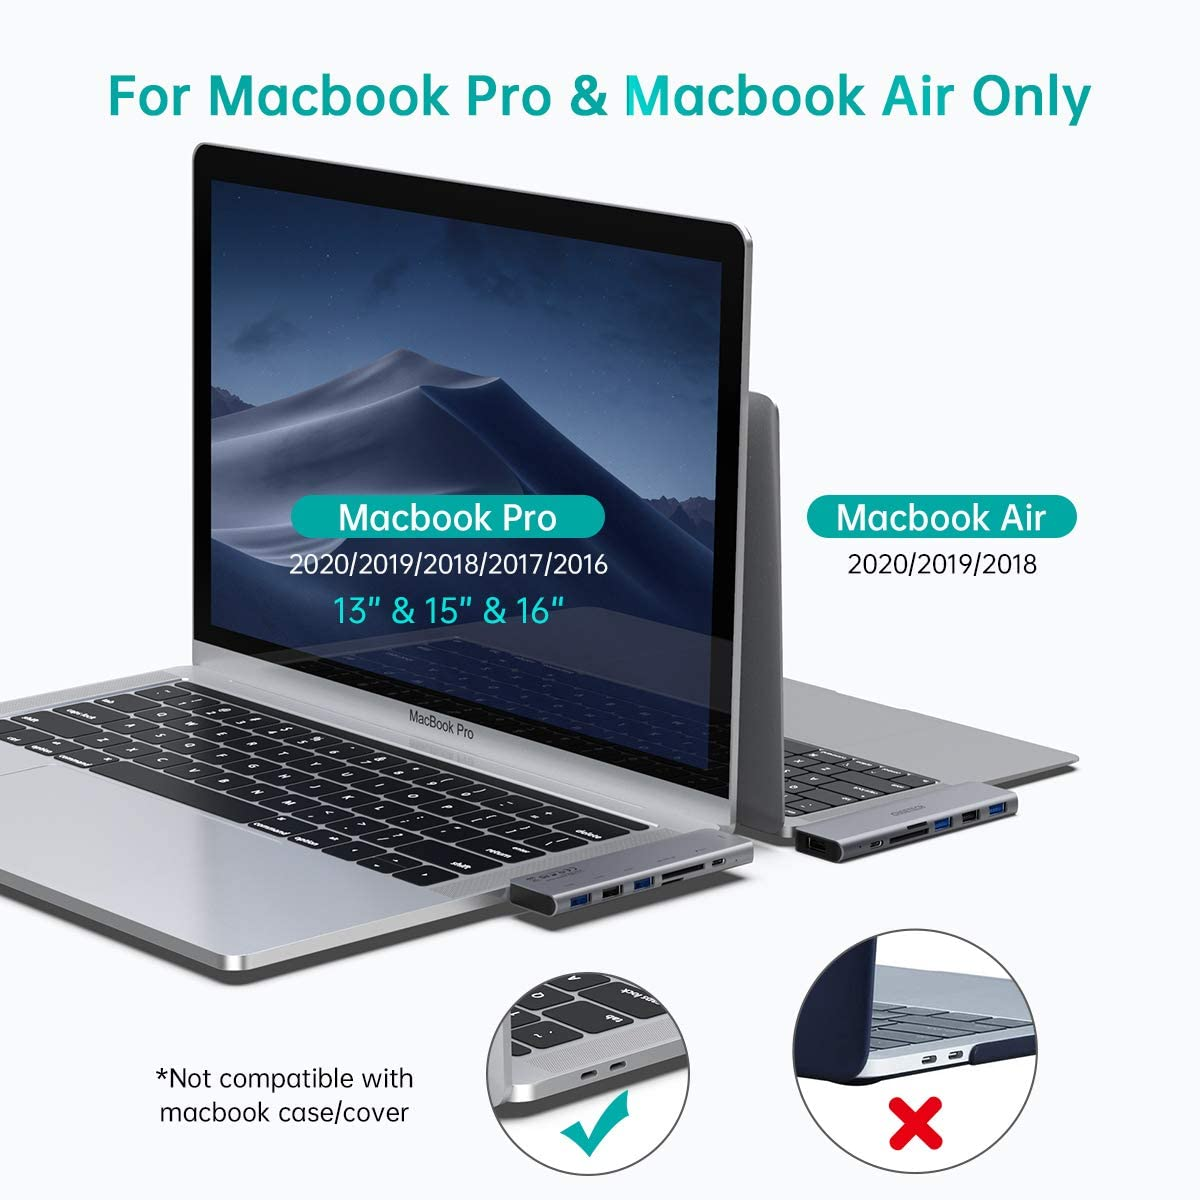 Hub type c chia cổng  Dual Type-C 7 in 1 hỗ trợ sạc nhanh 100W cho Macbook / laptop Type-C hiệu CHOETECH M23 ra 3 cổng USB 3.0, 1 cổng USB 2.0, Cổng đọc thẻ SD & Micro SD, sạc nhanh chuẩn Thunderbolt 3 0 - Hàng chính hãng